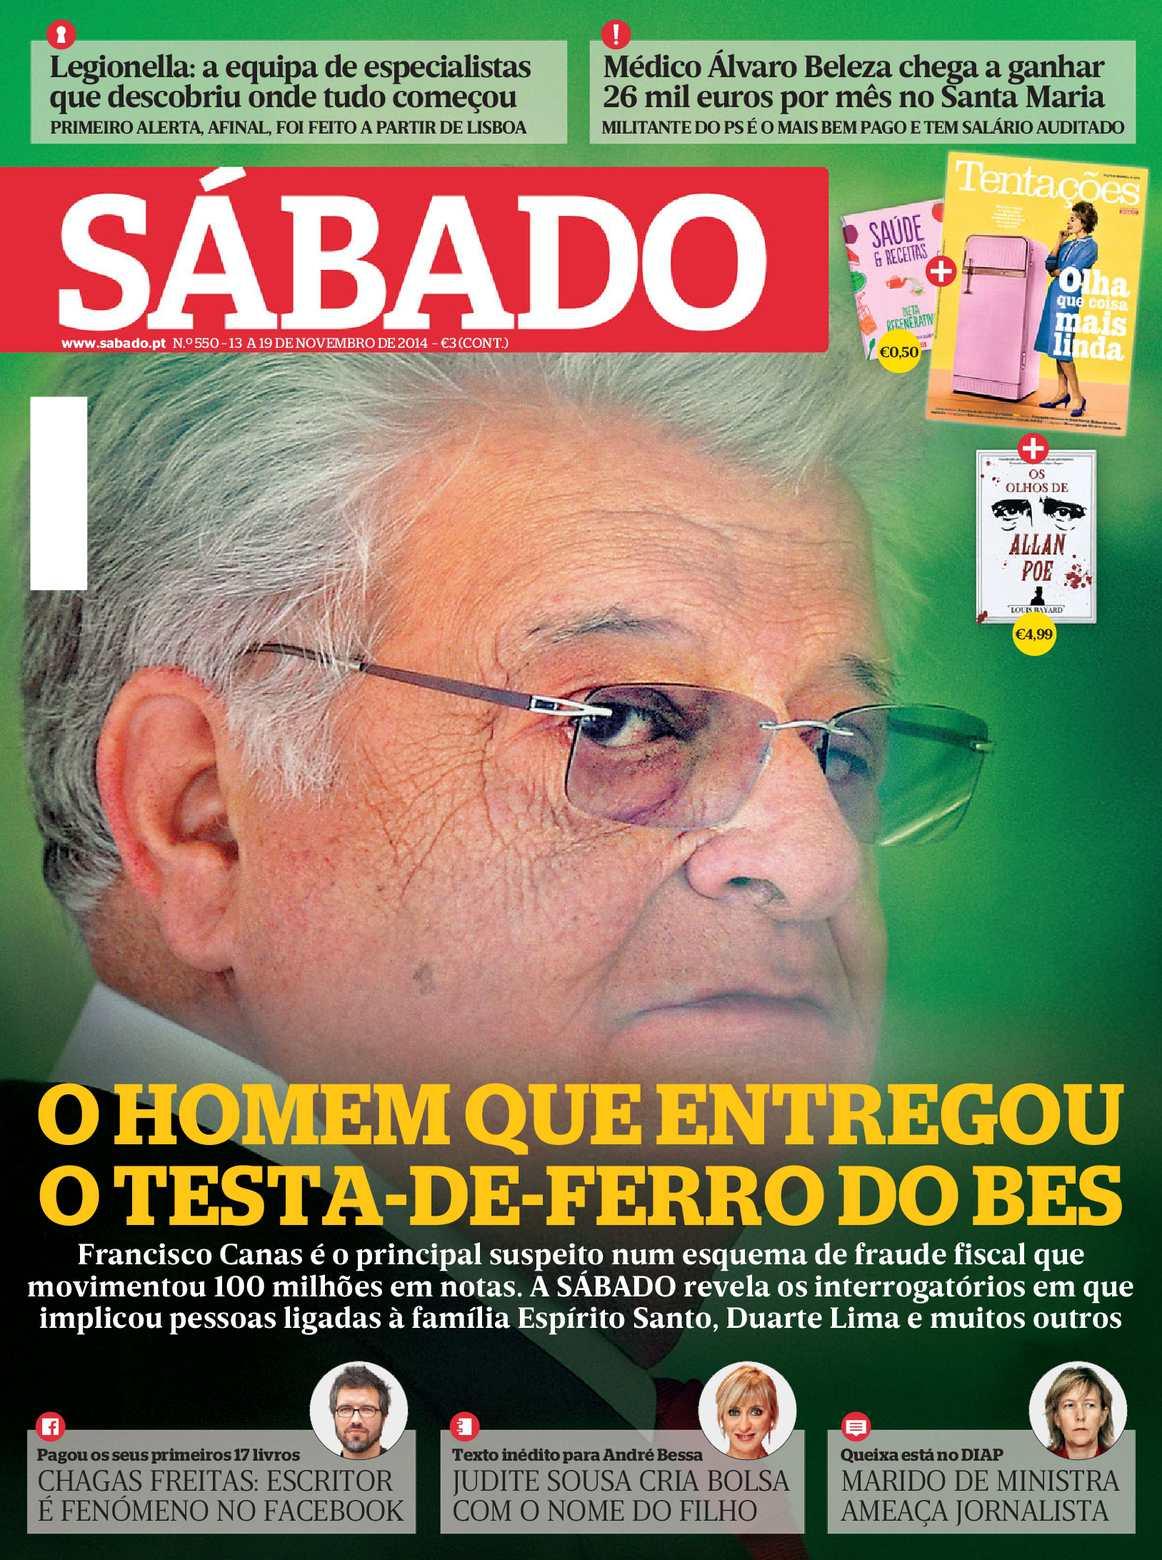 85069dd9c Calaméo - Sabado De13a19 11 14